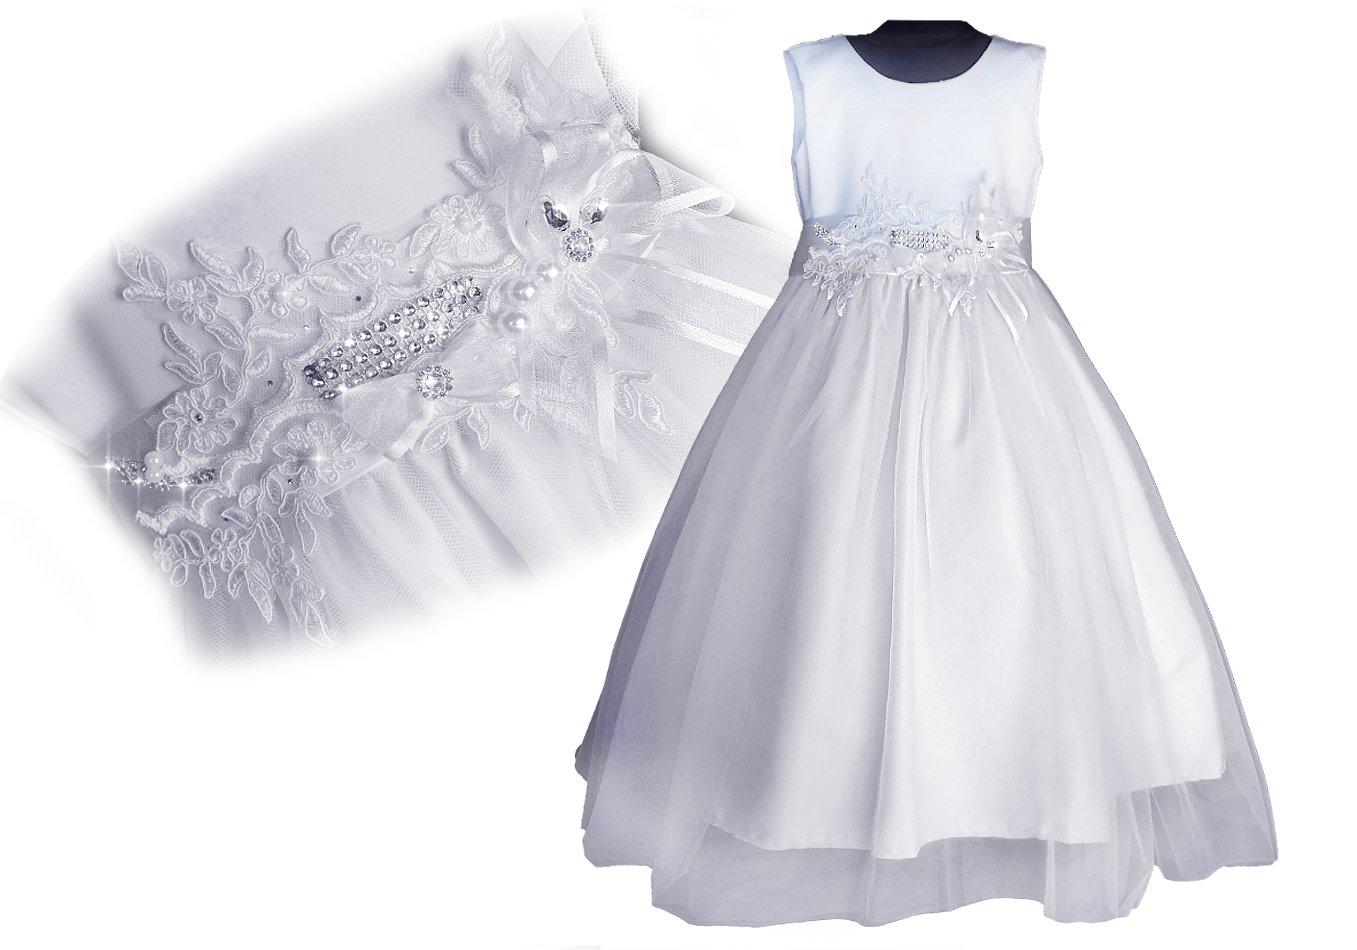 a15cc7d4dc PL Olśniewająca sukienka PRZEBRANIE KOMUNIA 56 - 7117147193 ...